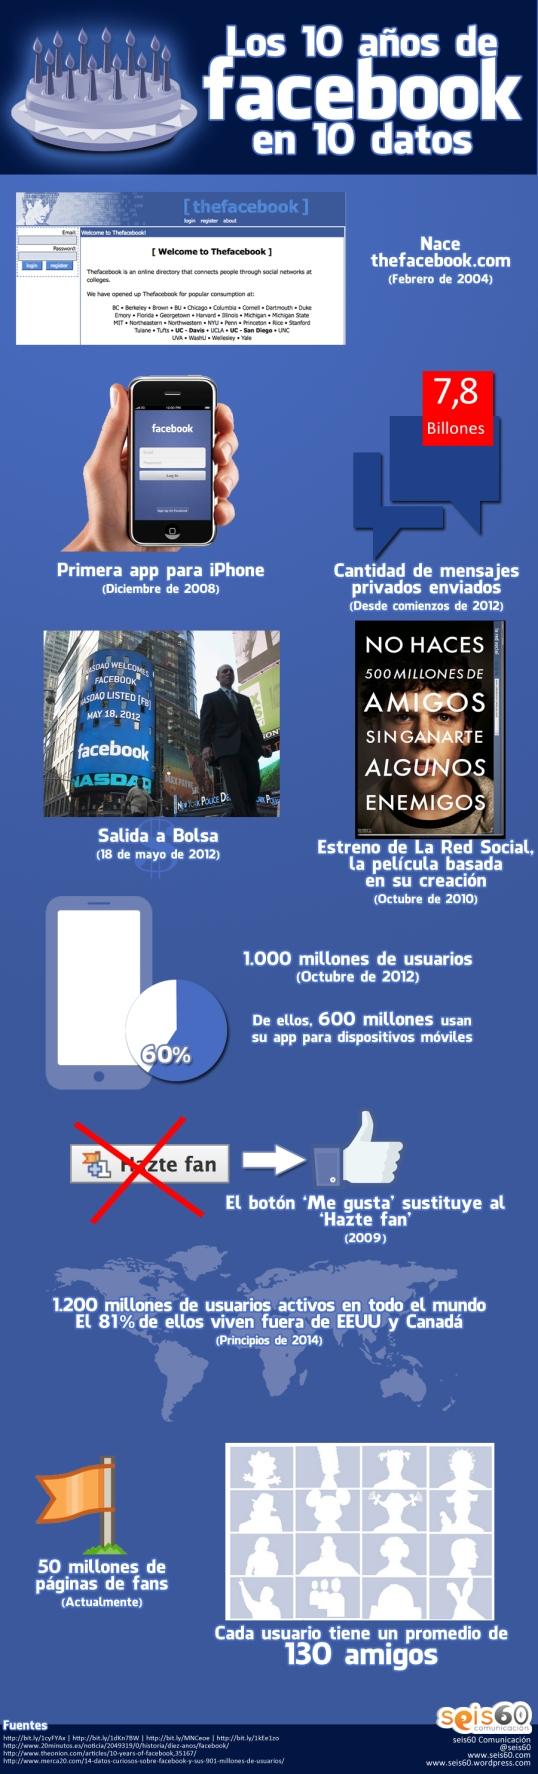 Infografia aniversario Facebook